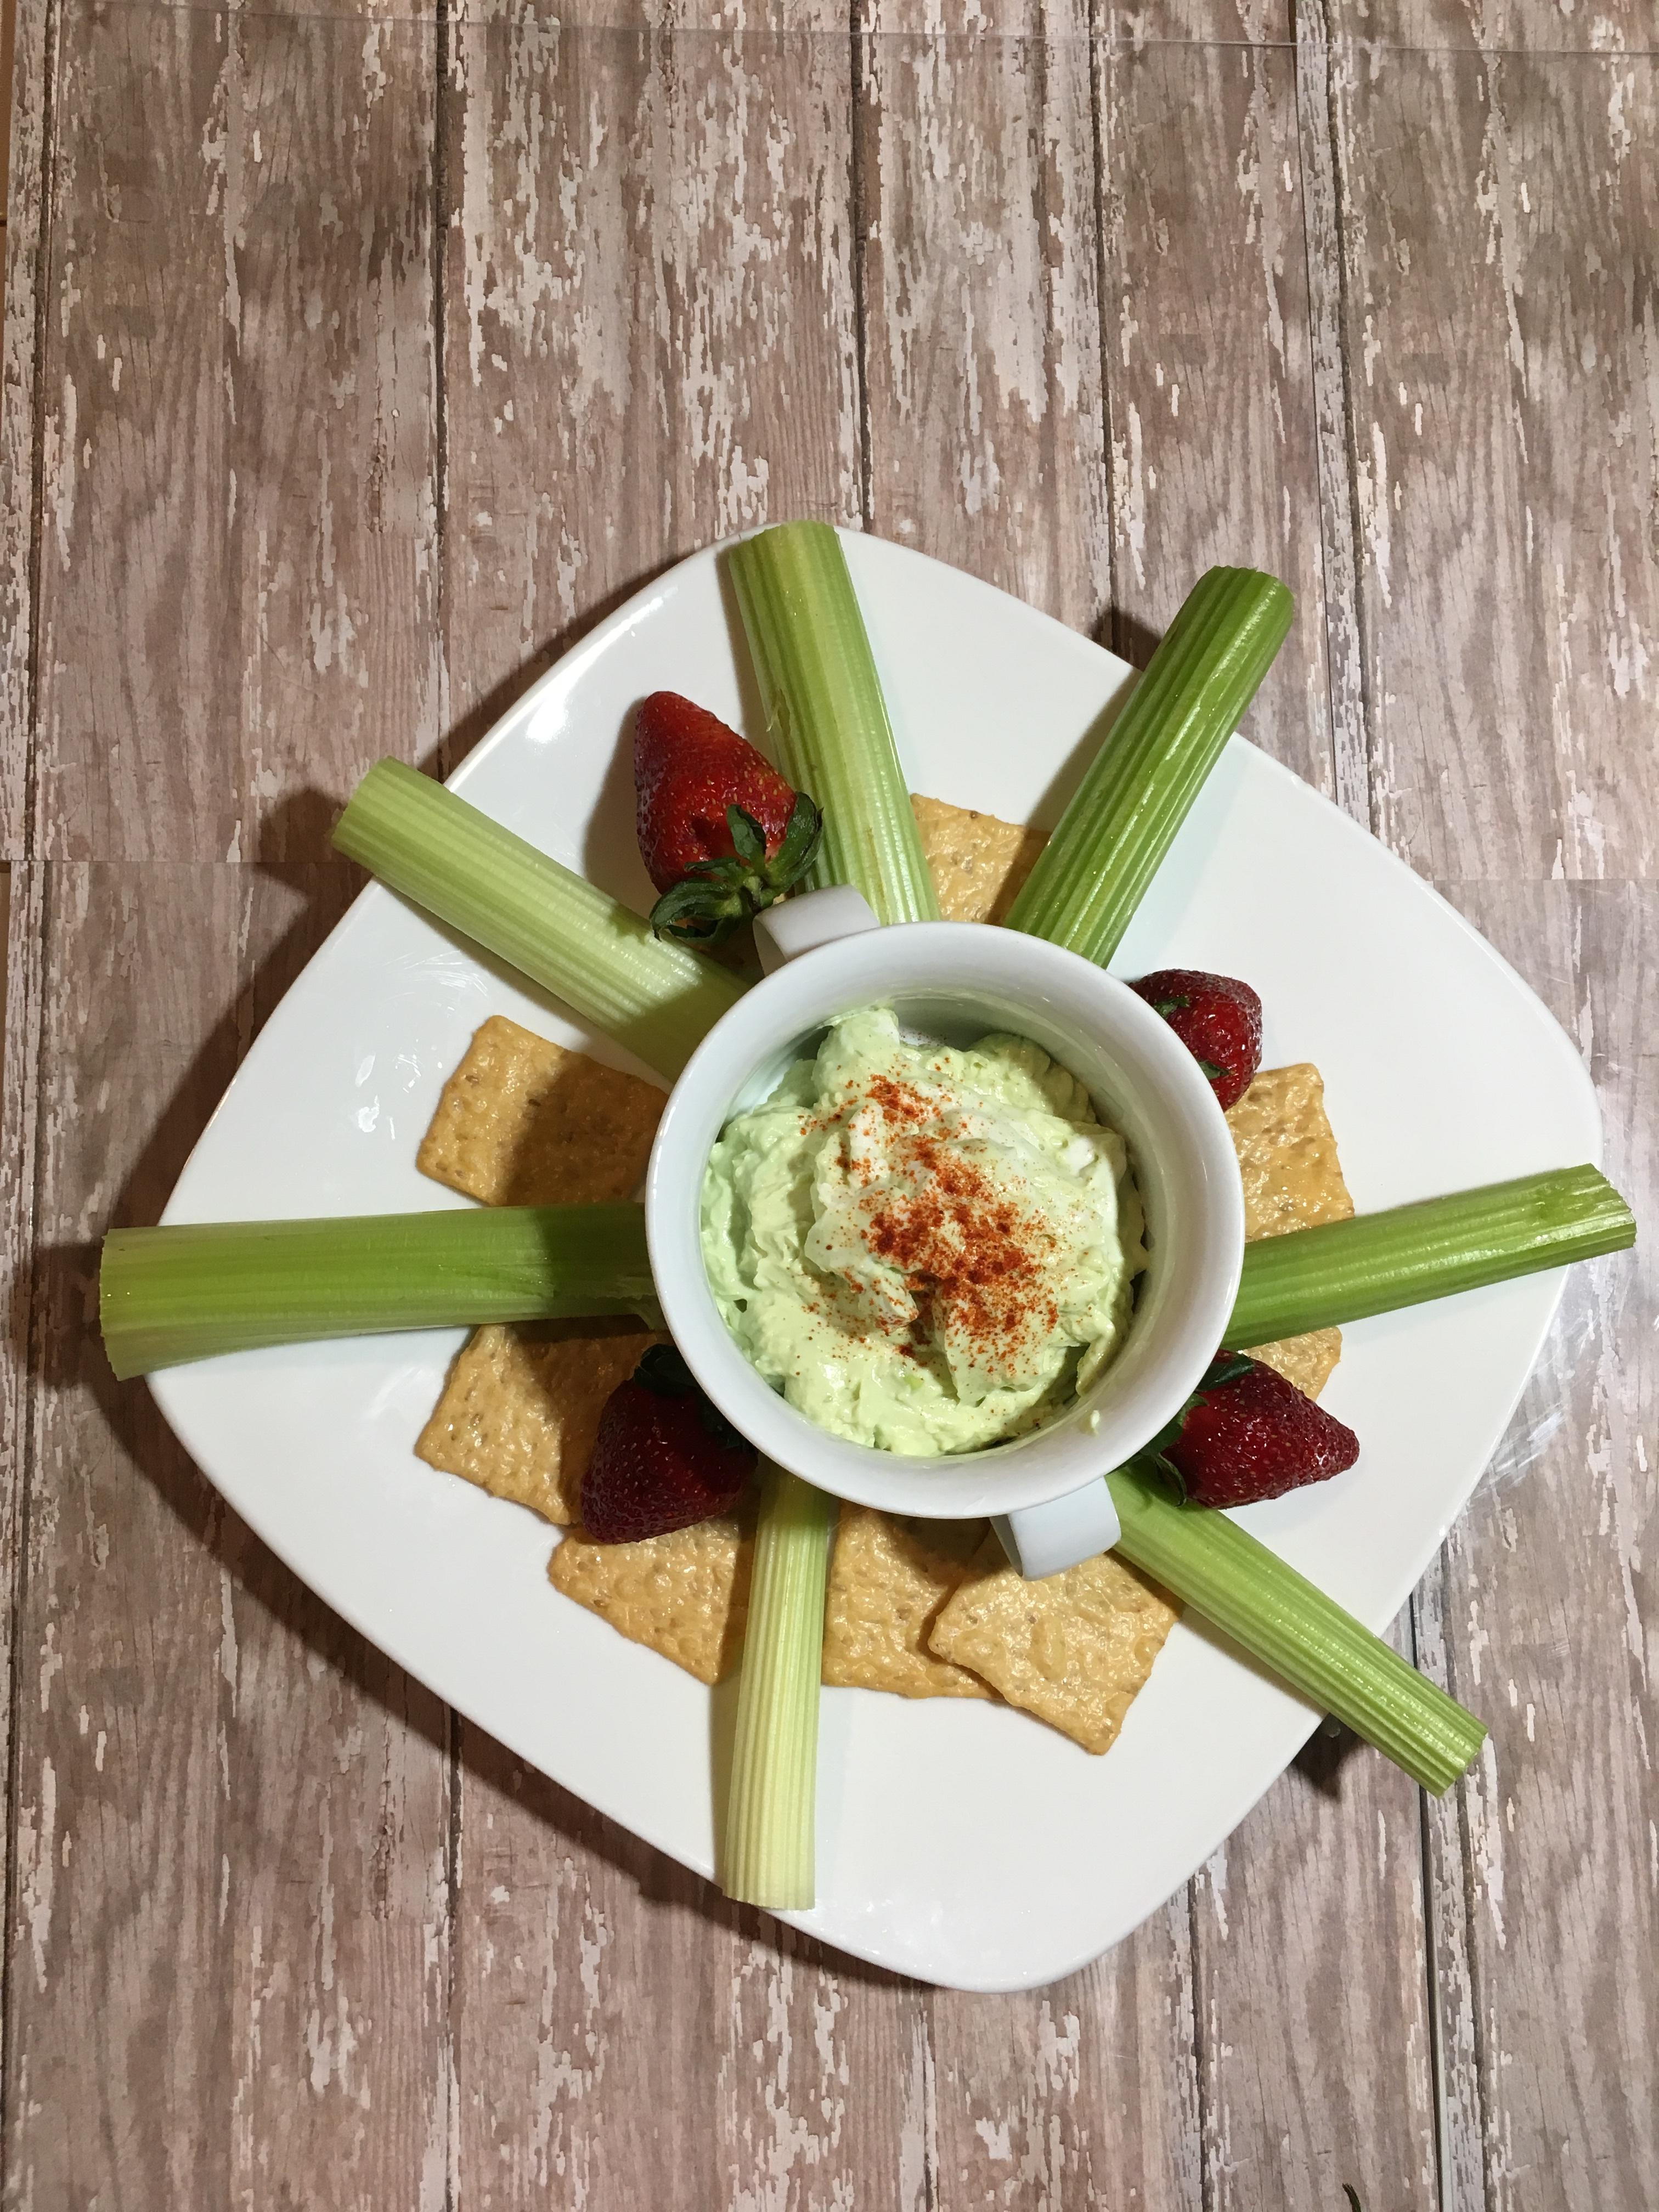 Kostenlose foto : Pflanze, Blume, Gericht, Mahlzeit, Lebensmittel ...